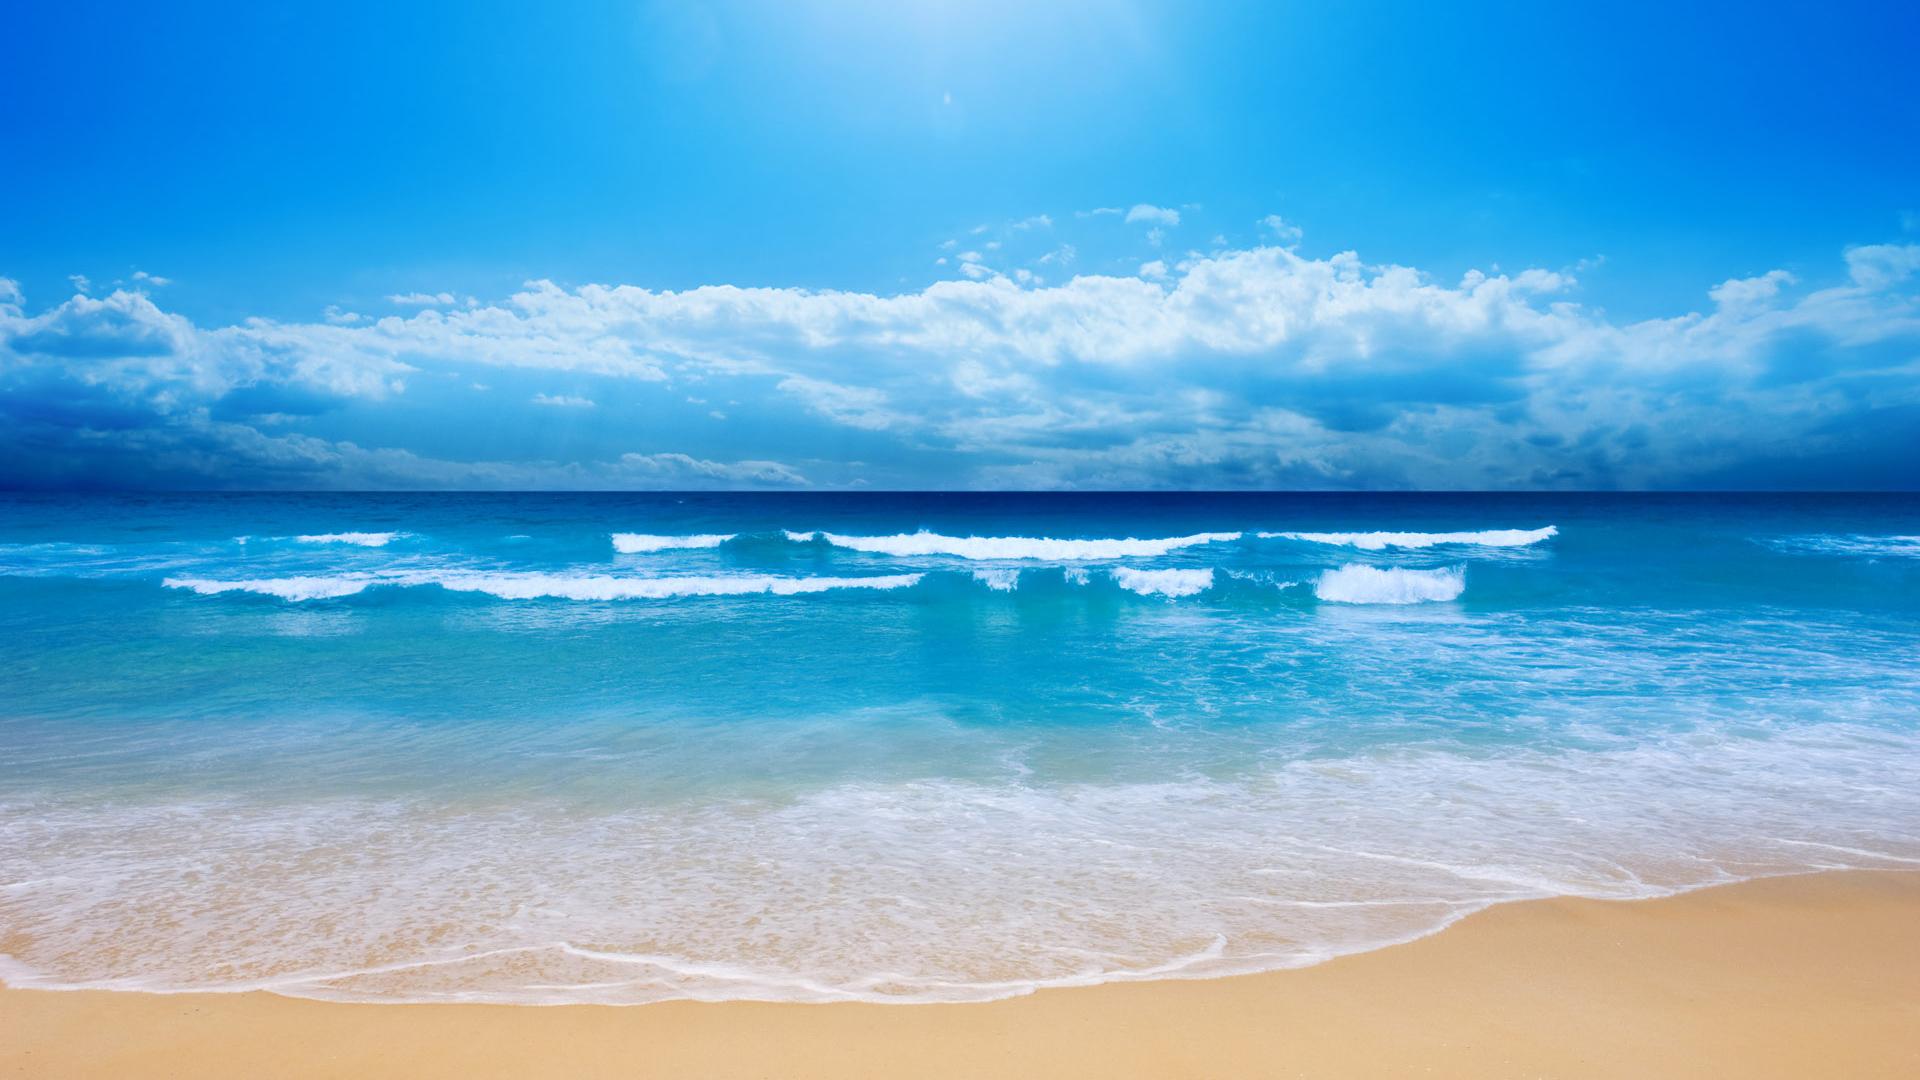 Фото море обои